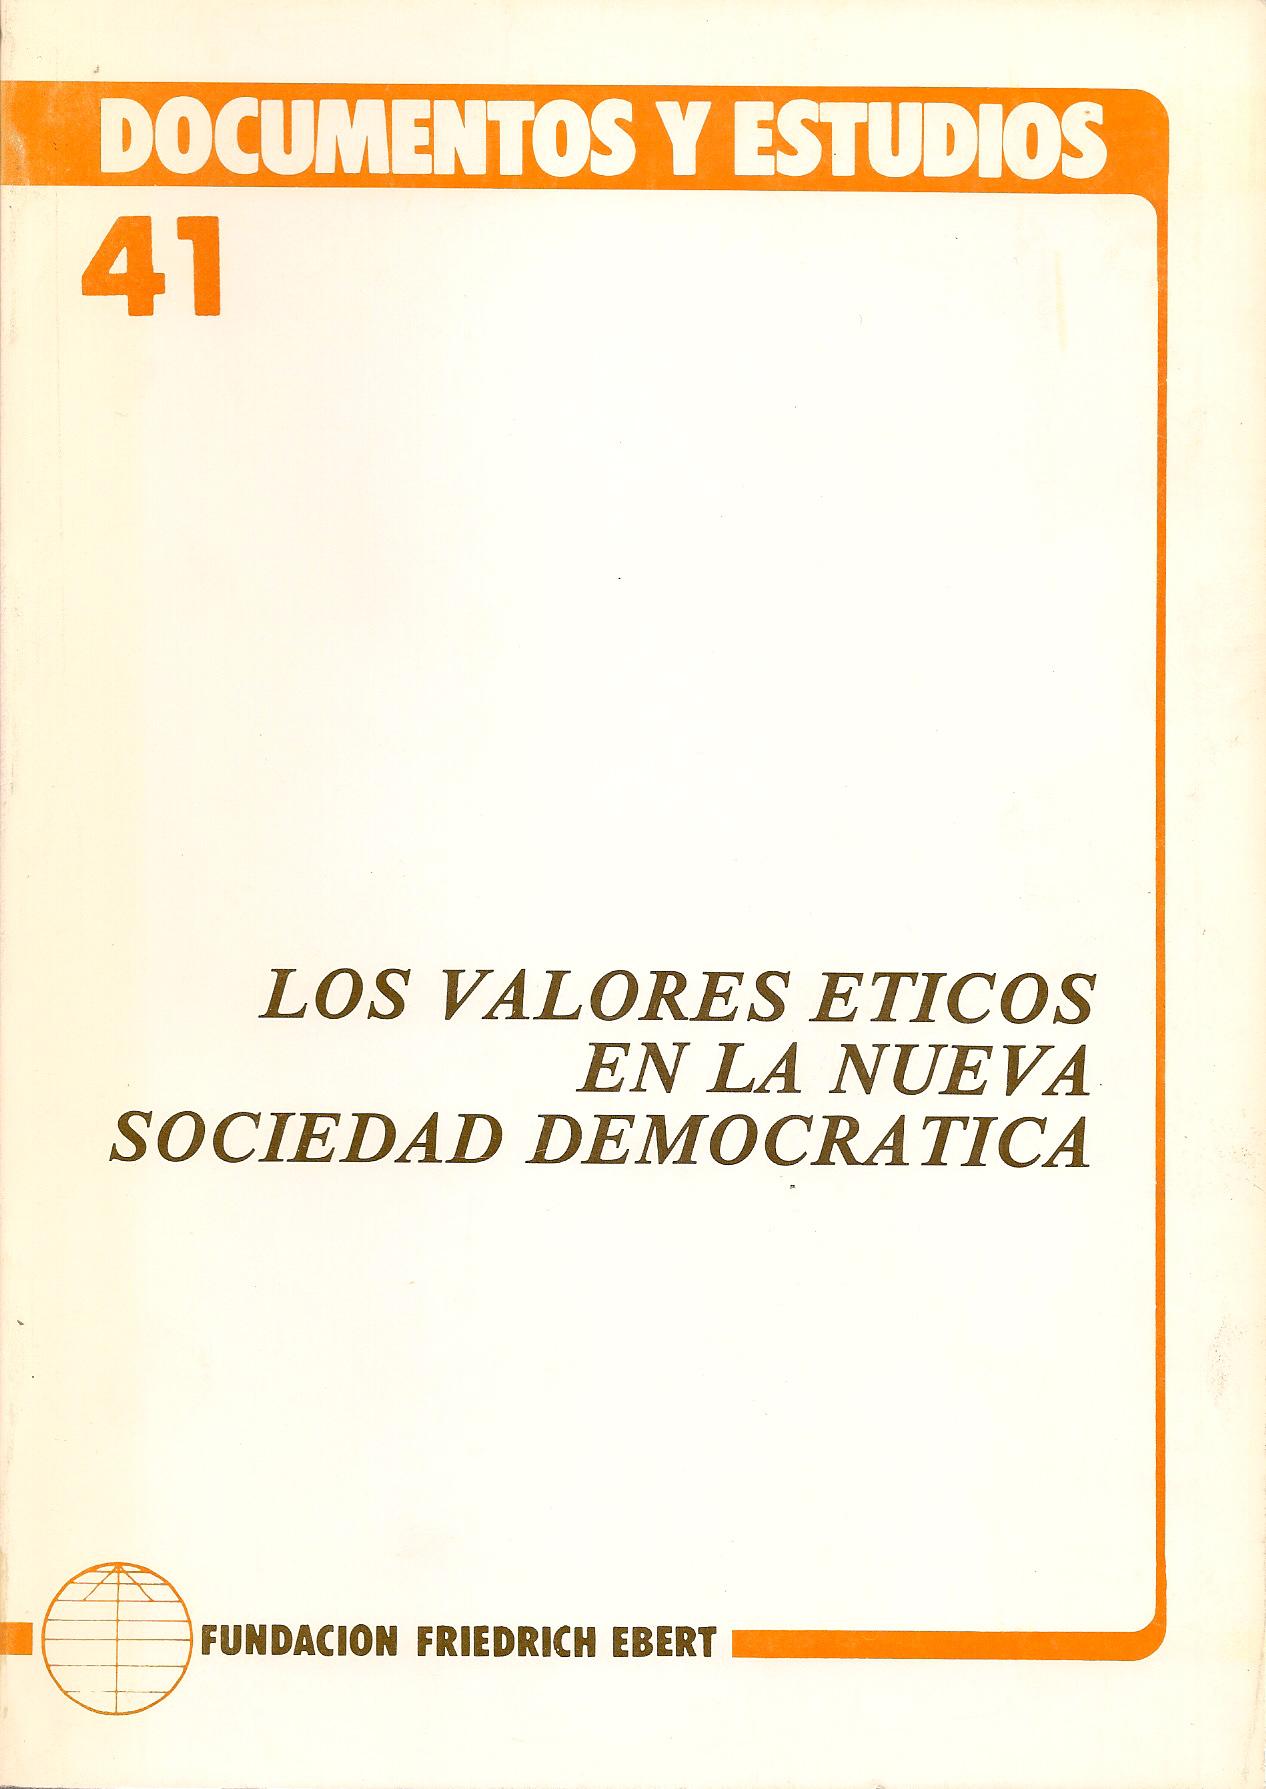 Los valores éticos en la nueva sociedad democrática